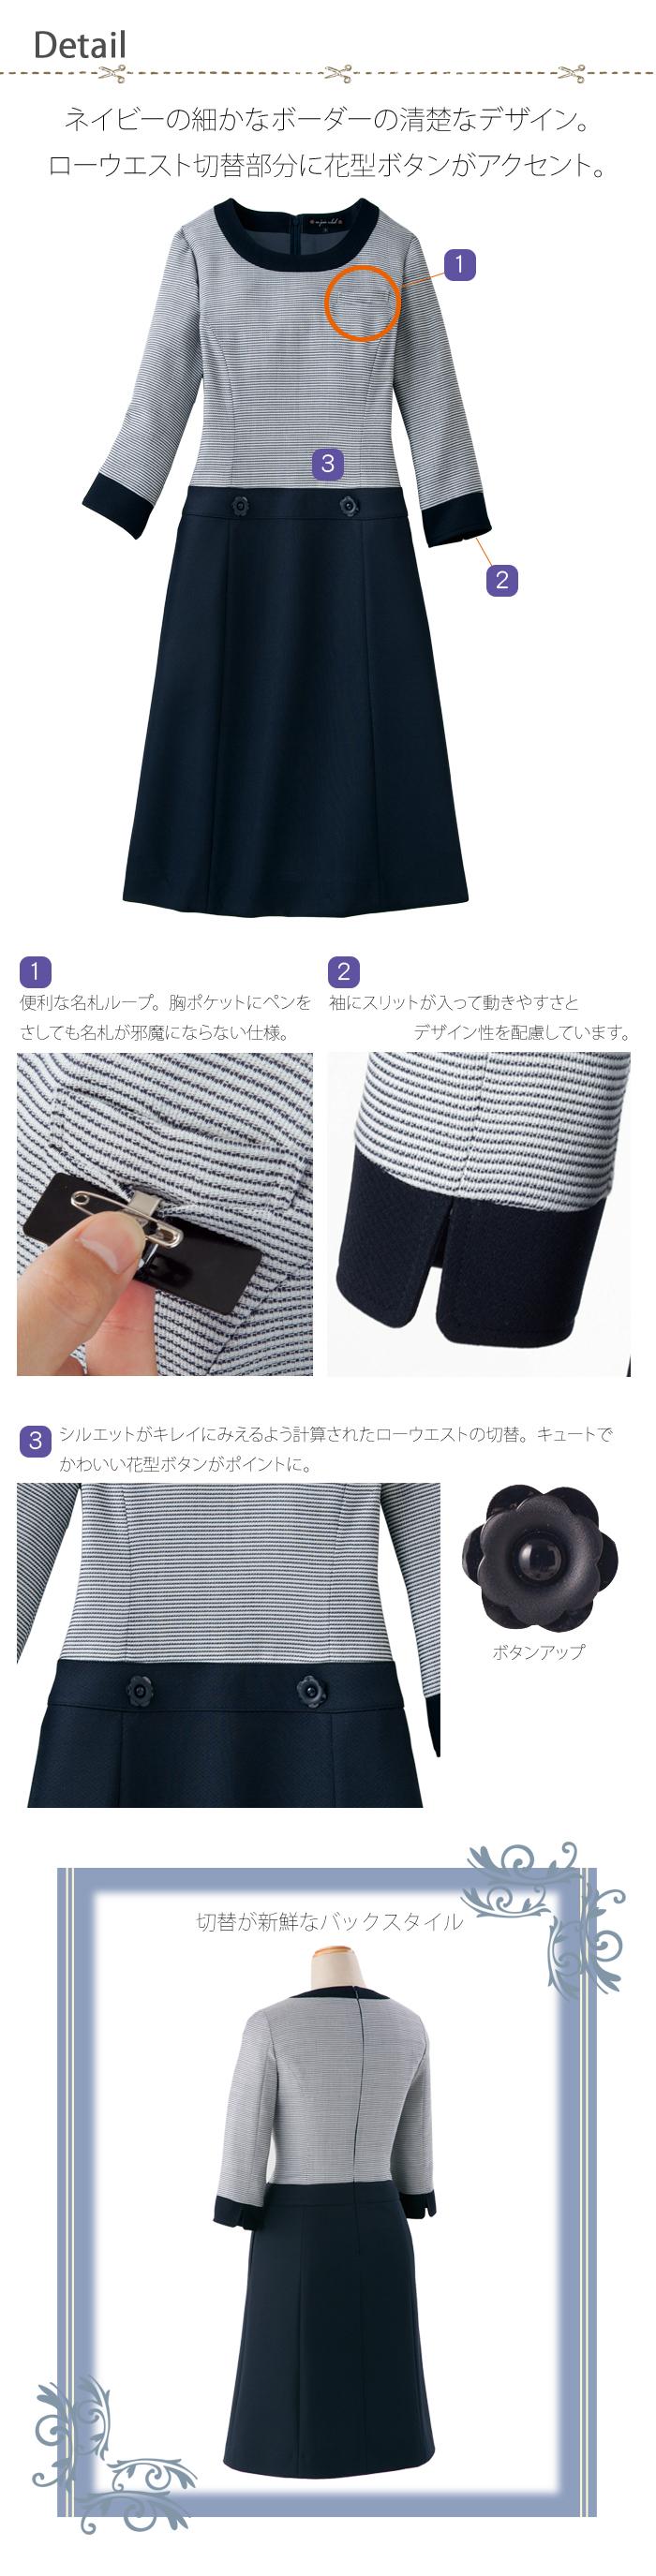 66410清楚なネイビー七分袖ワンピース 商品詳細説明